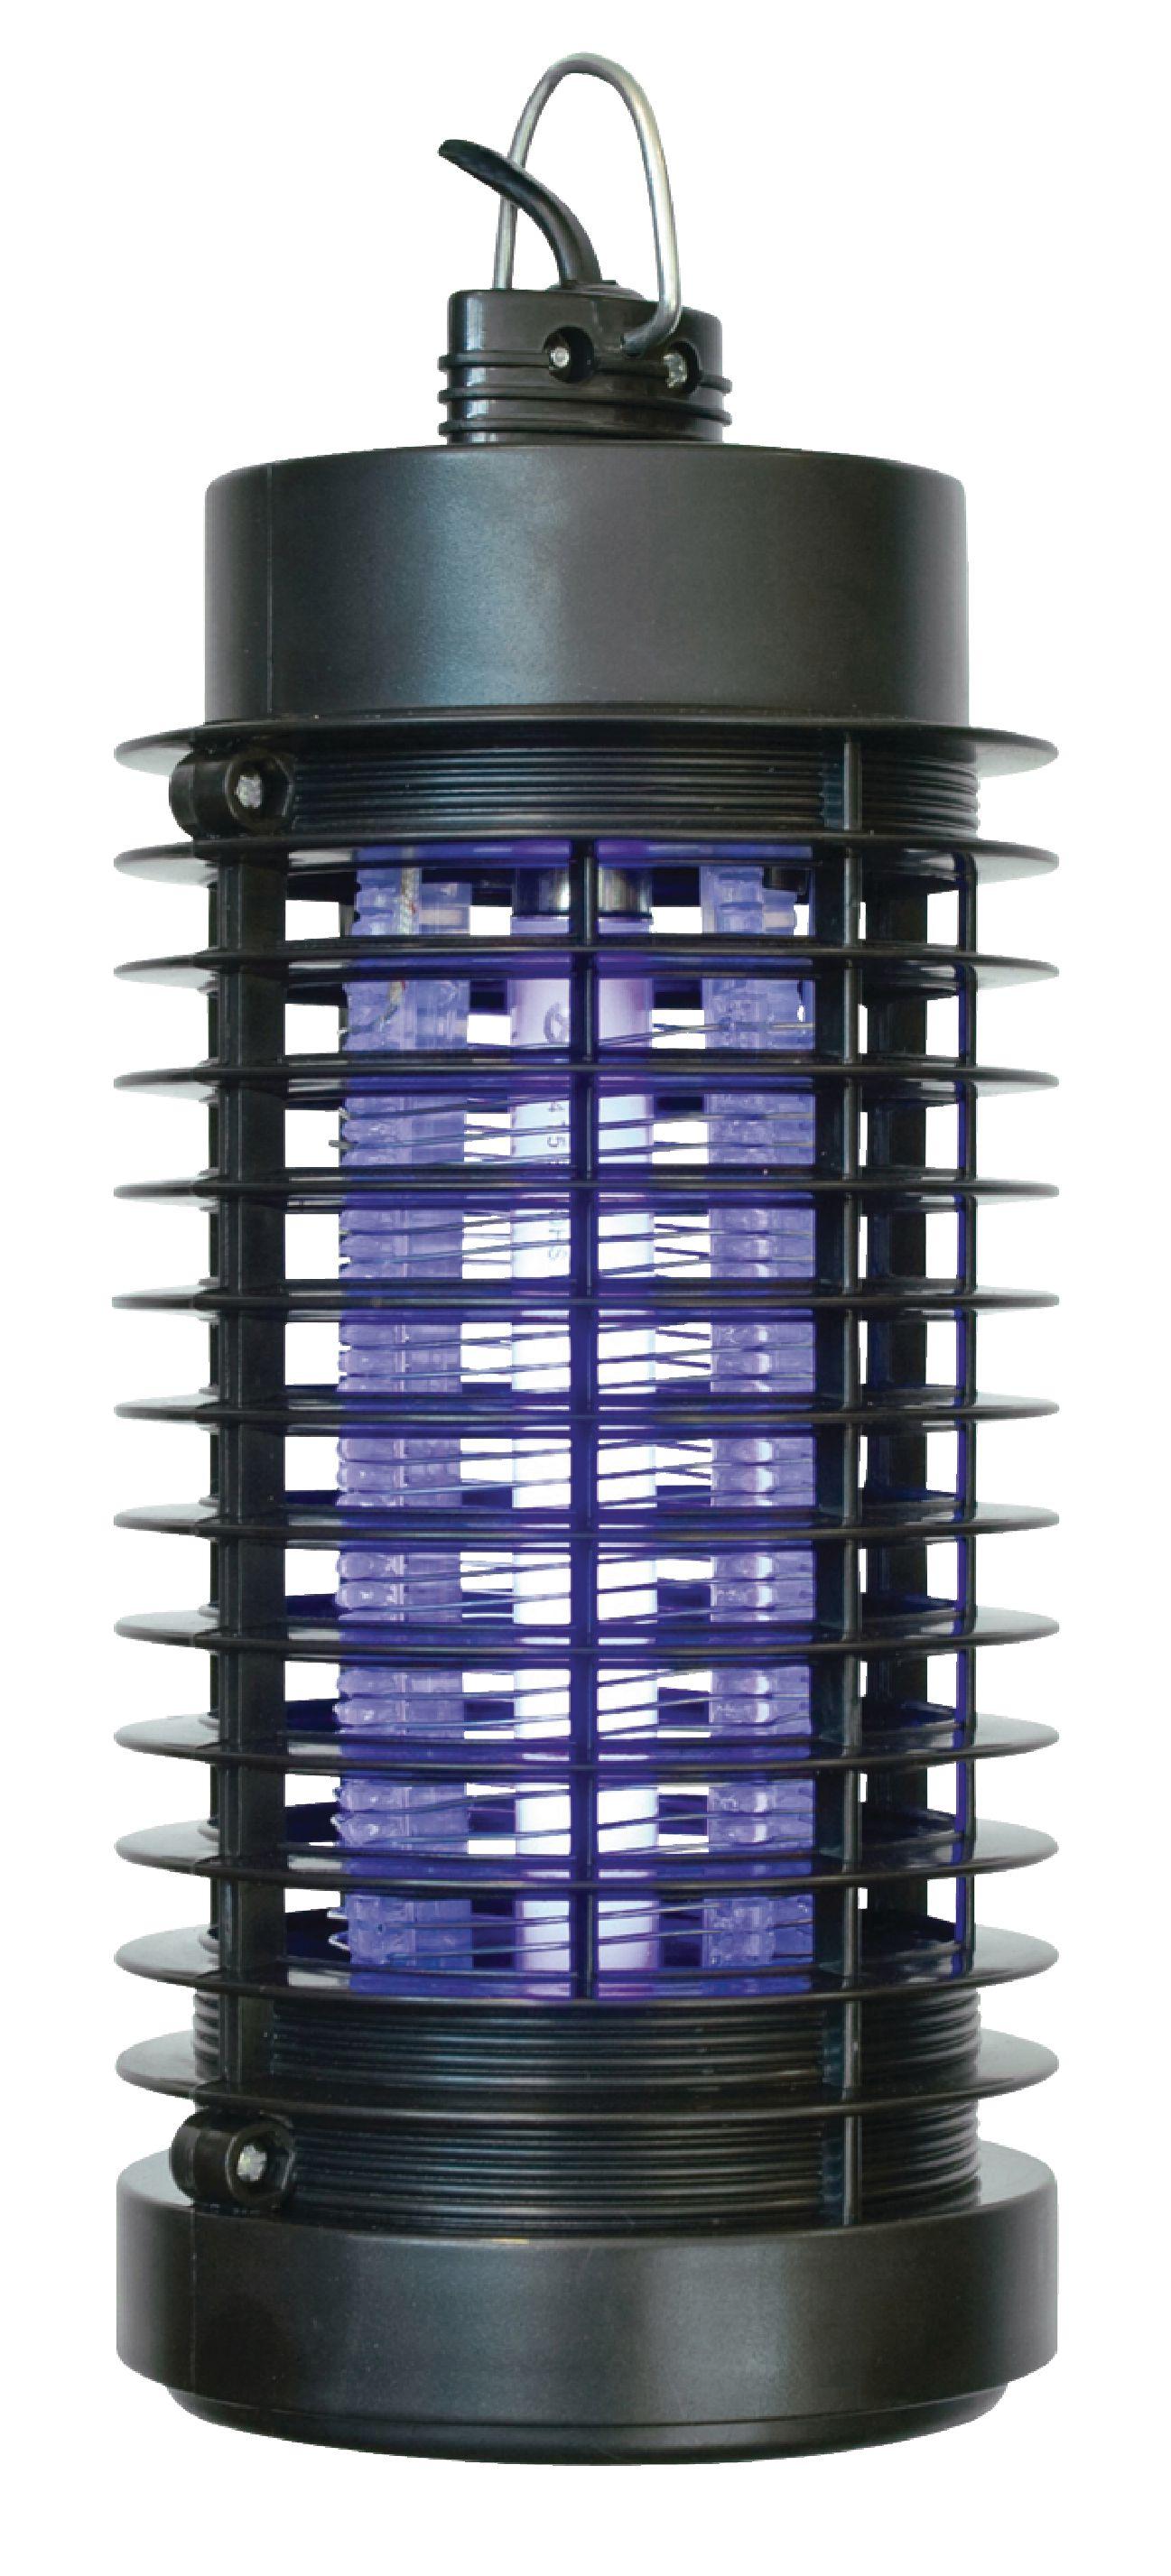 Blokker vliegenlamp